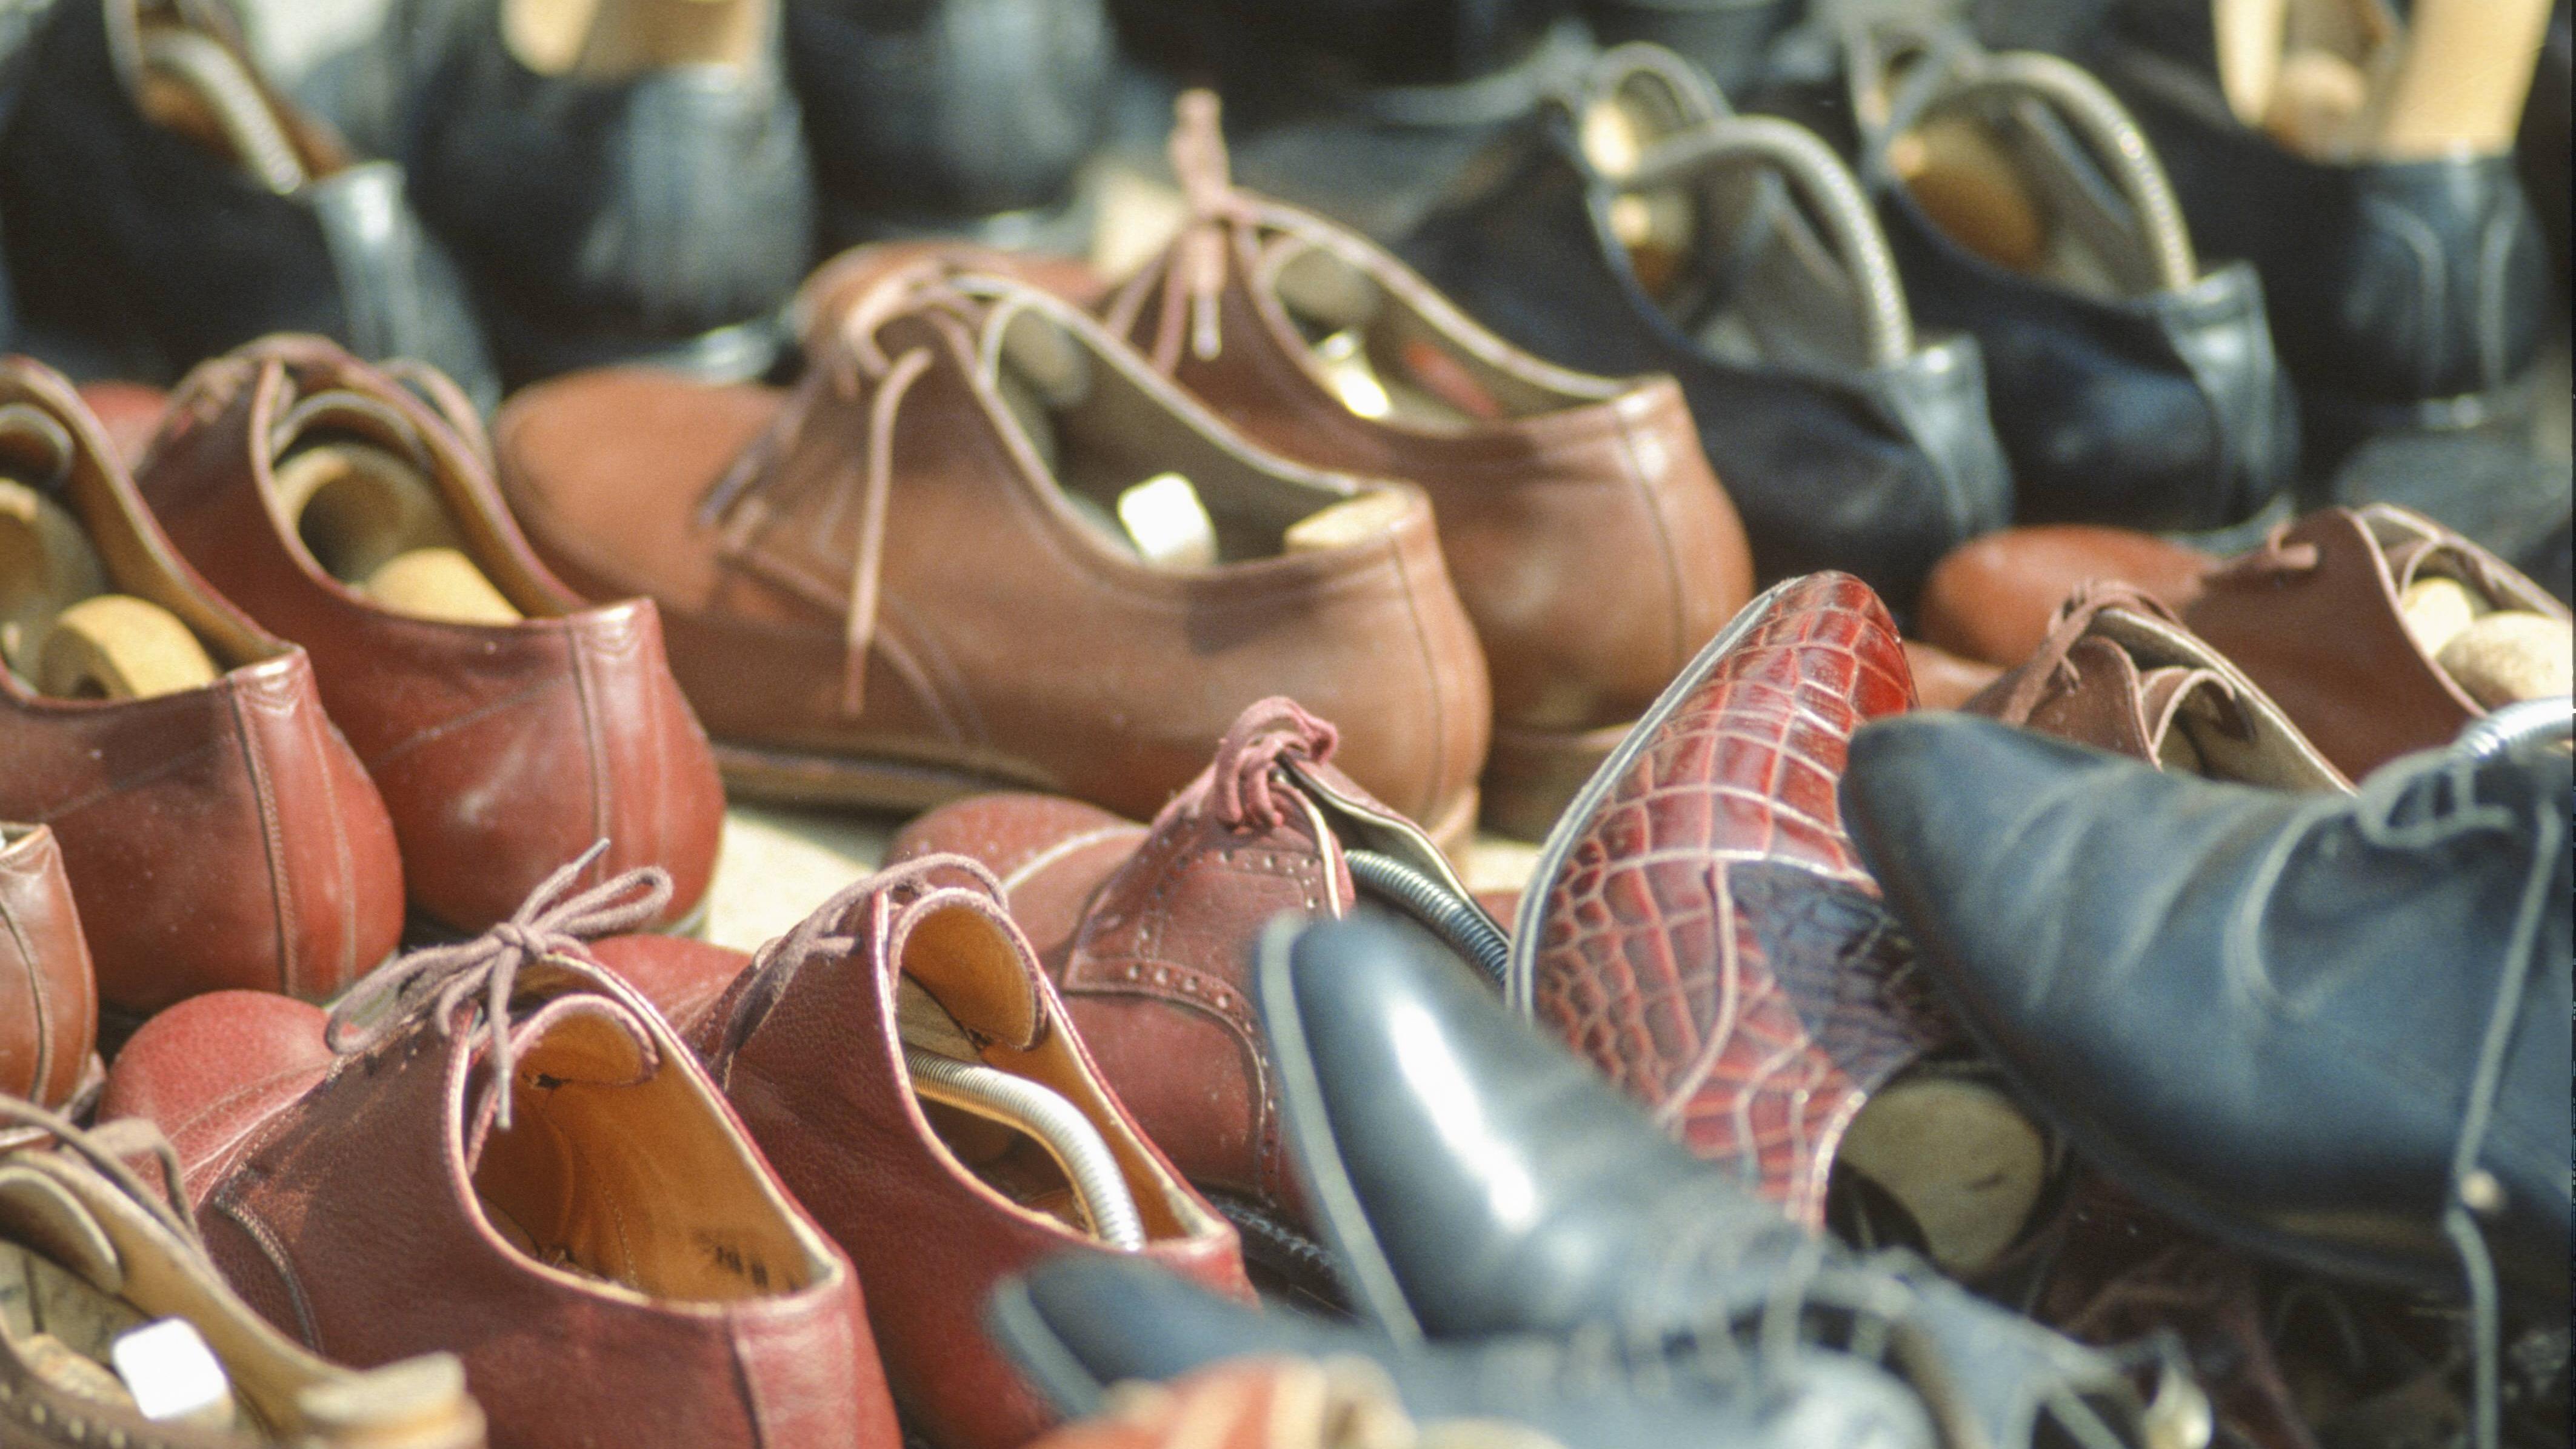 Schweißgeruch können Sie mithilfe von verschiedenen Hausmitteln aus den Schuhen entfernen.